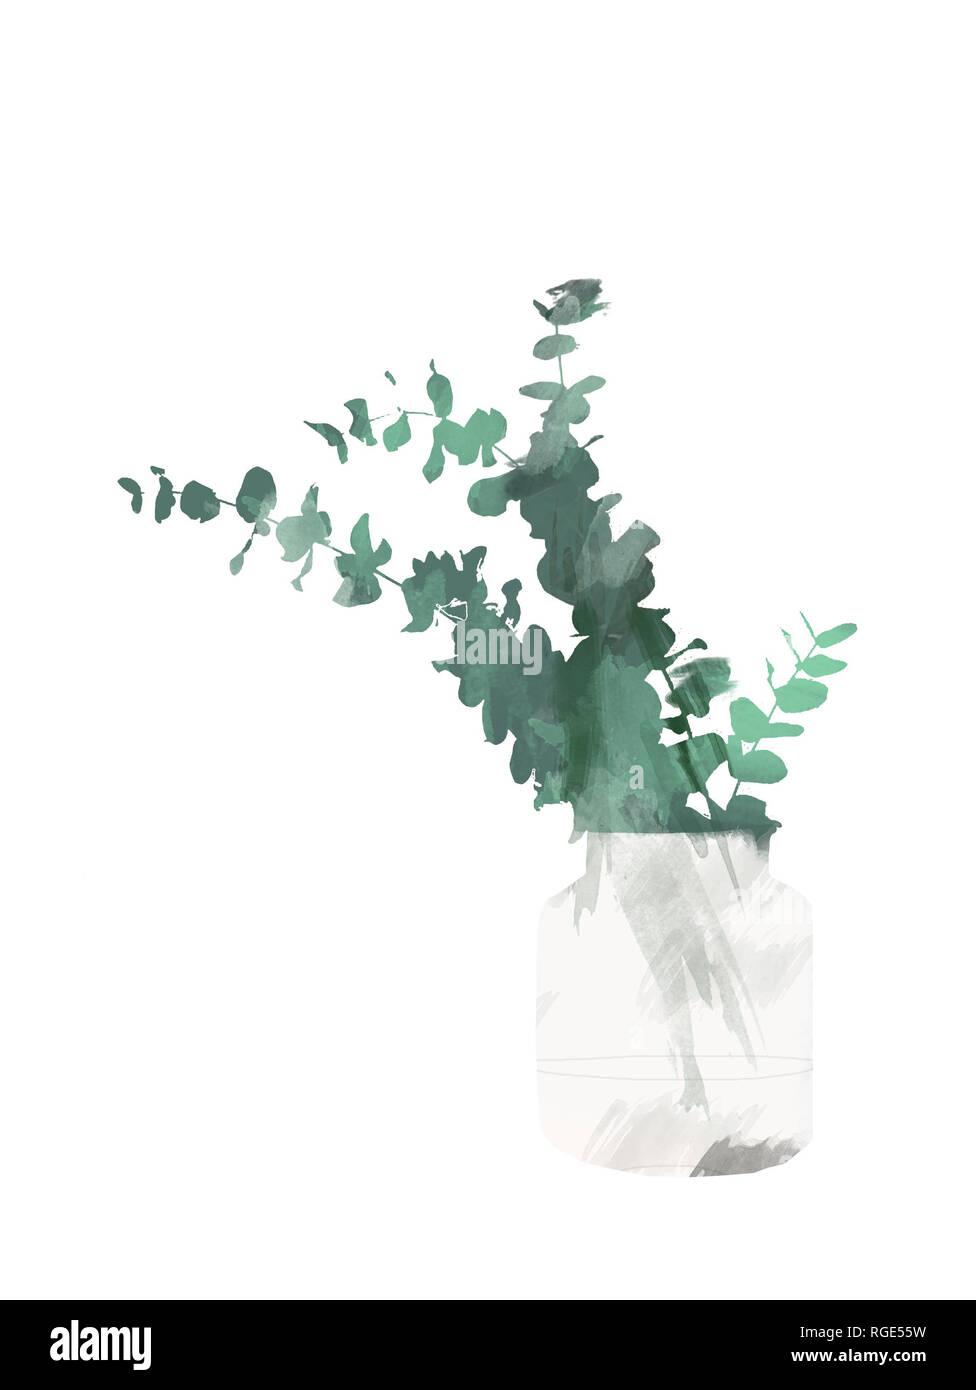 Von Hand bemalt Eukalyptus in der Flasche oder Vase auf weißem Hintergrund. Florale Botanical clip art für Design oder Drucken - Illustration Aquarell Stockbild